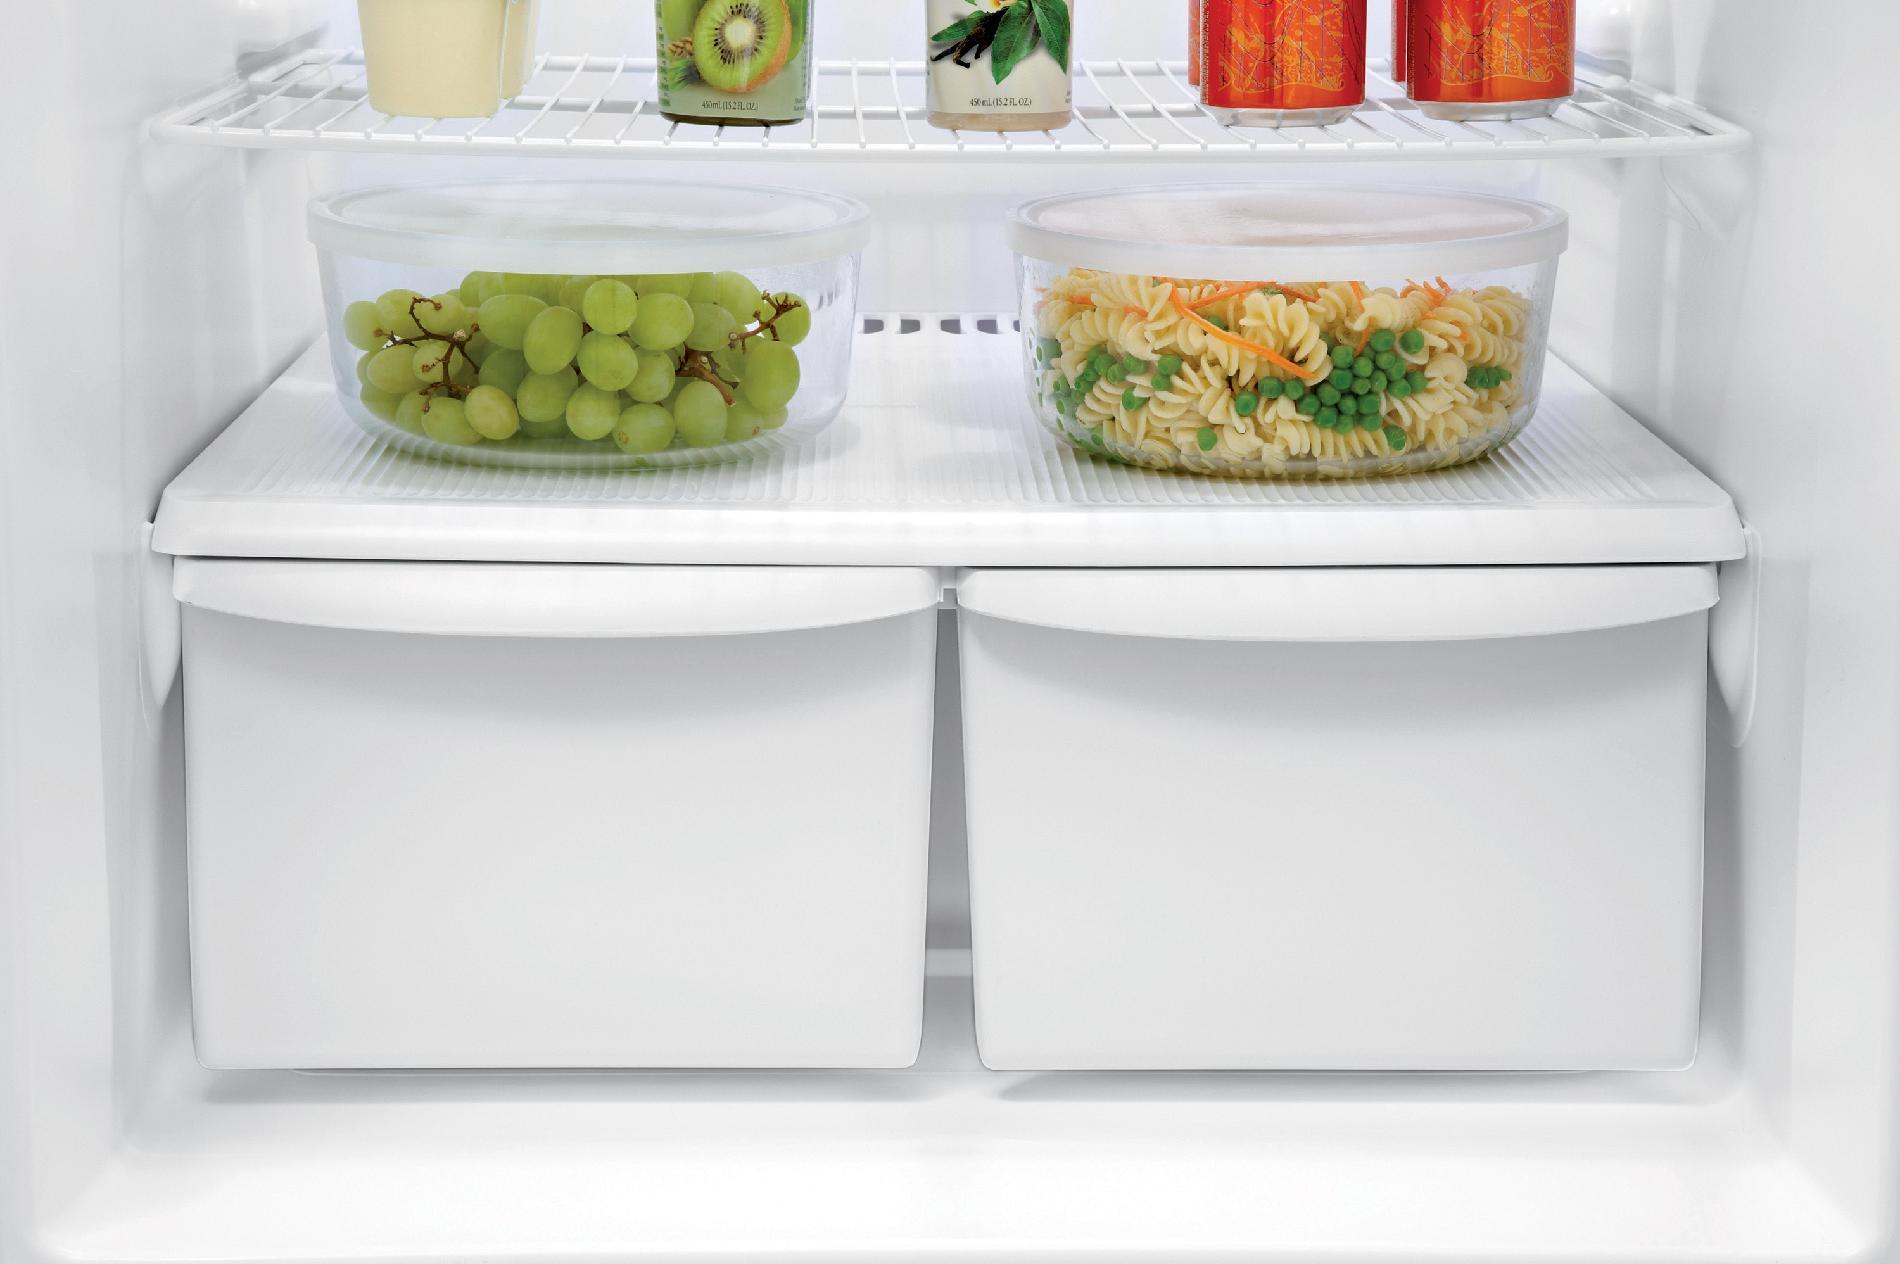 Frigidaire 14.8 cu. ft. Top-Freezer Refrigerator - White